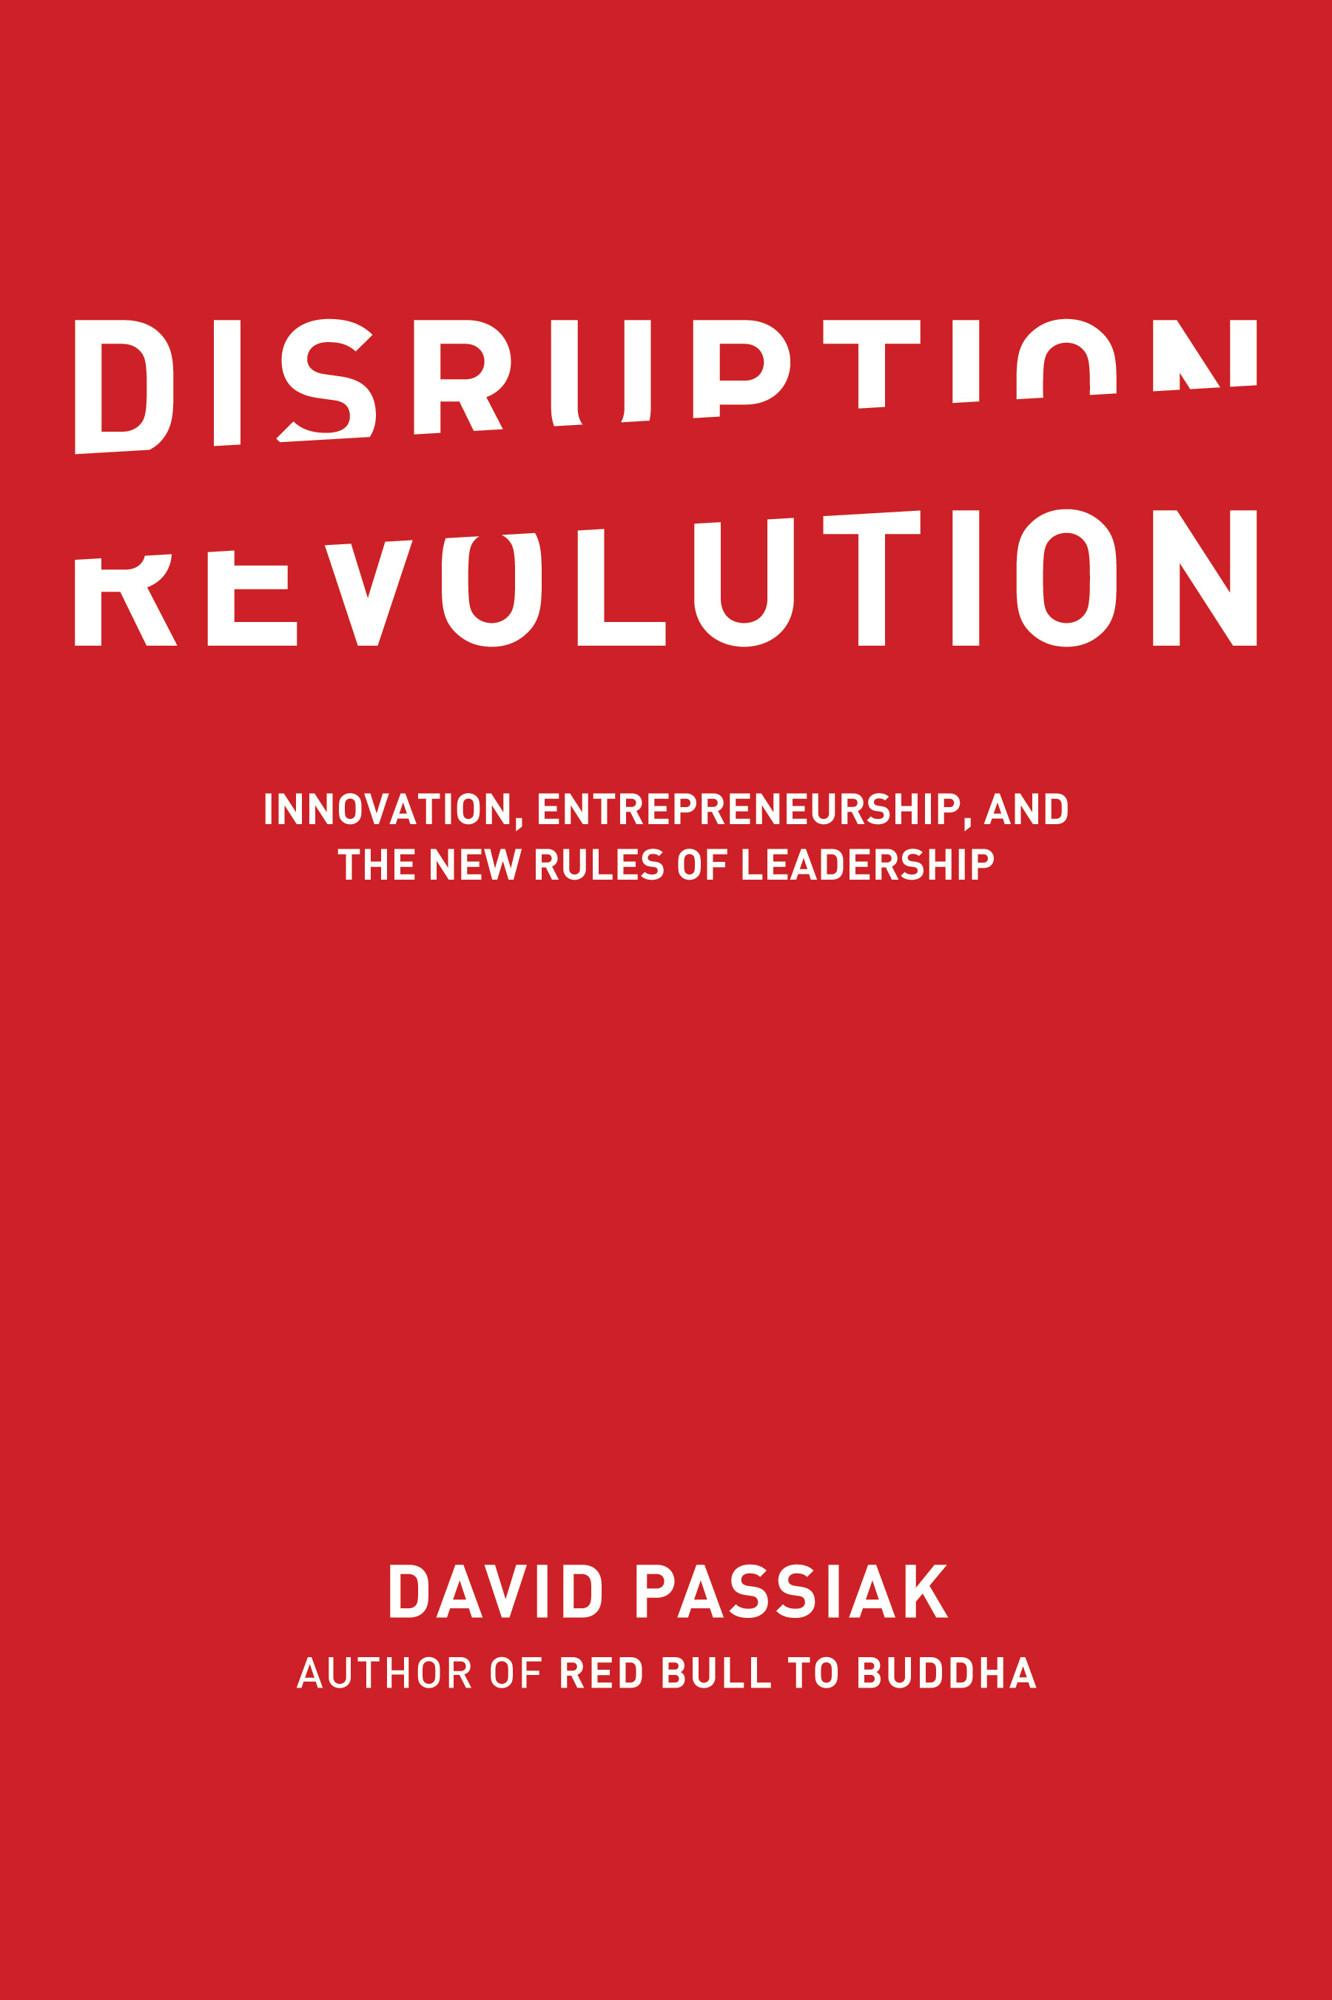 Disruption-Revolution-Cover.jpg